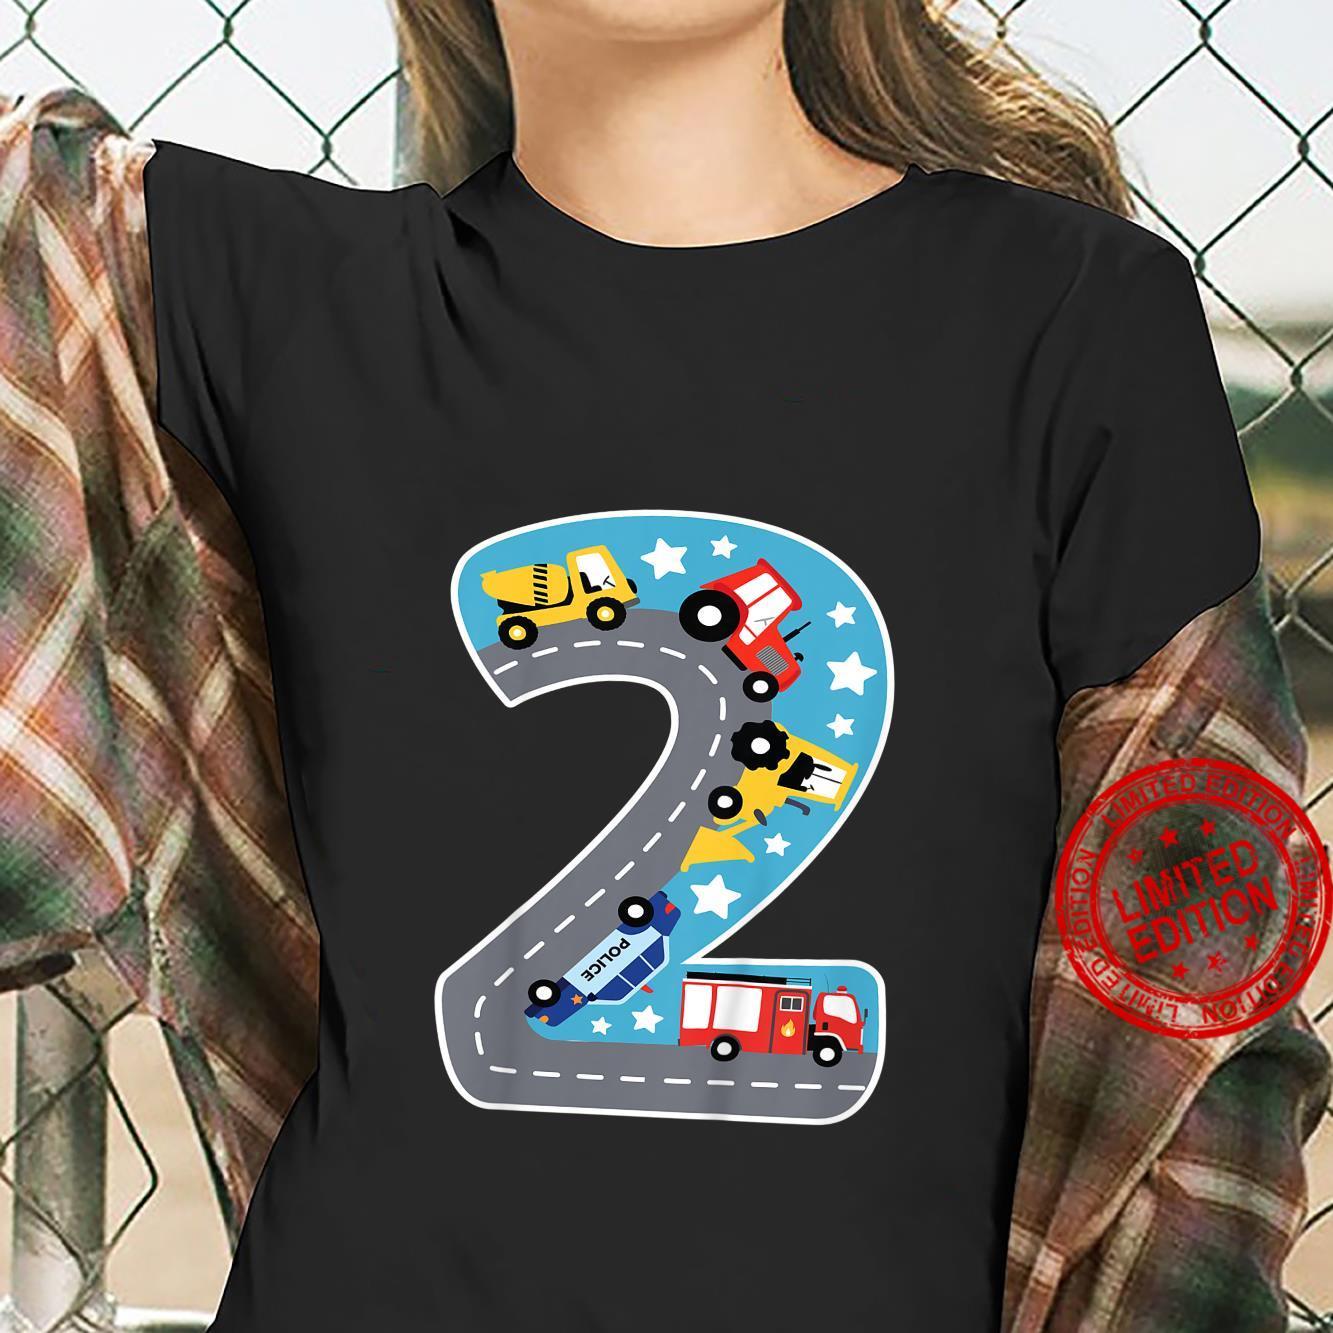 Kinder Bin Schon 2 Jahre Traktor Bagger Auto Straße 2. Geburtstag Shirt ladies tee